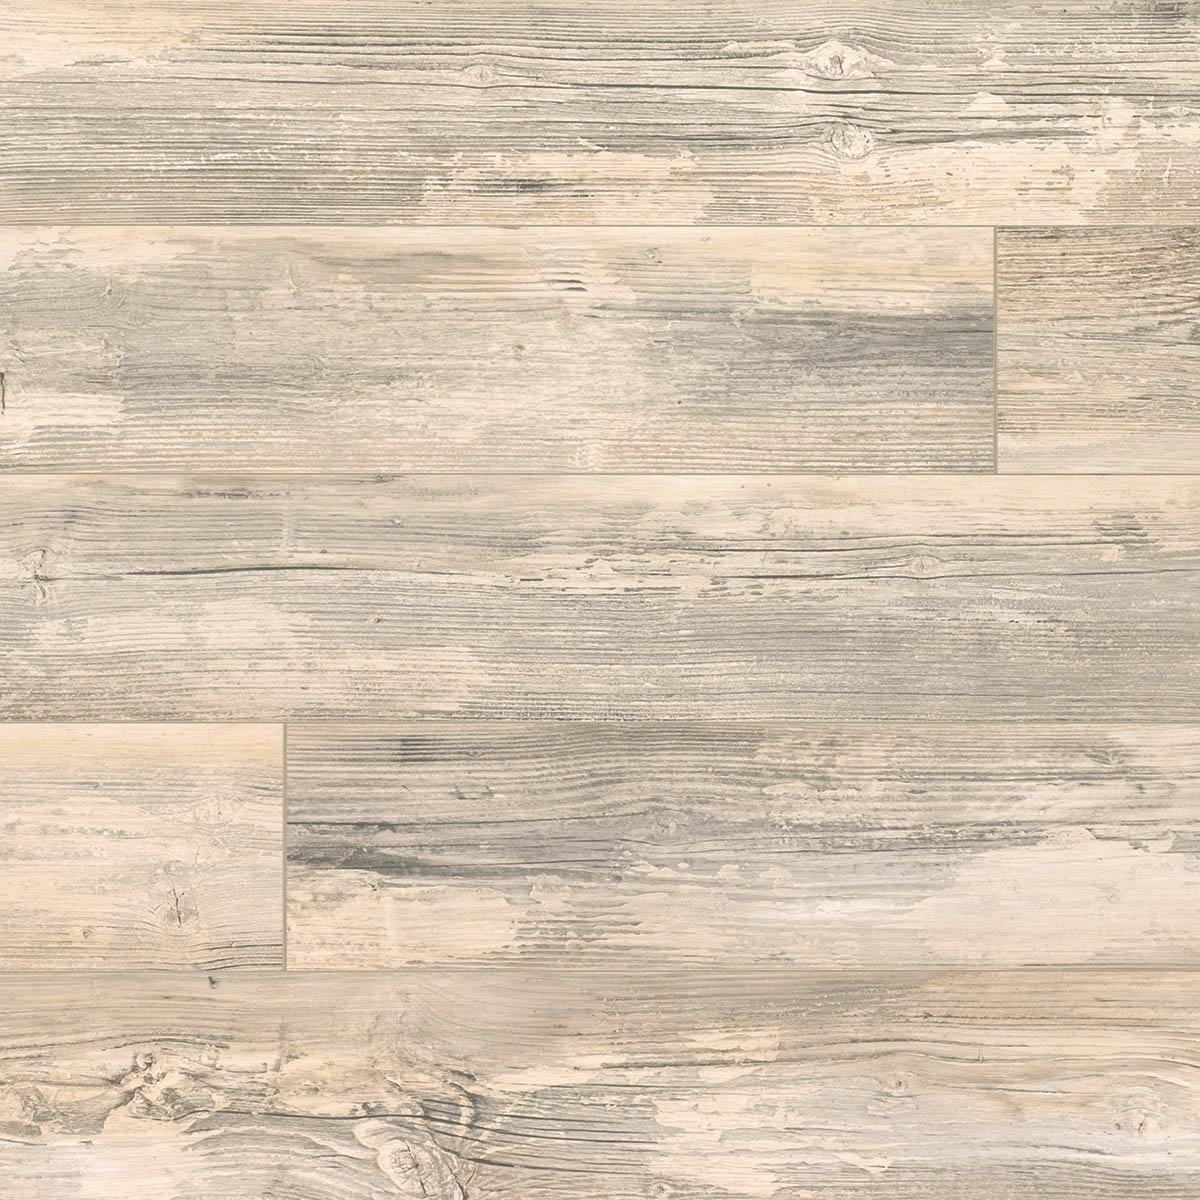 Antiqued Pine Laminate Floor Sample